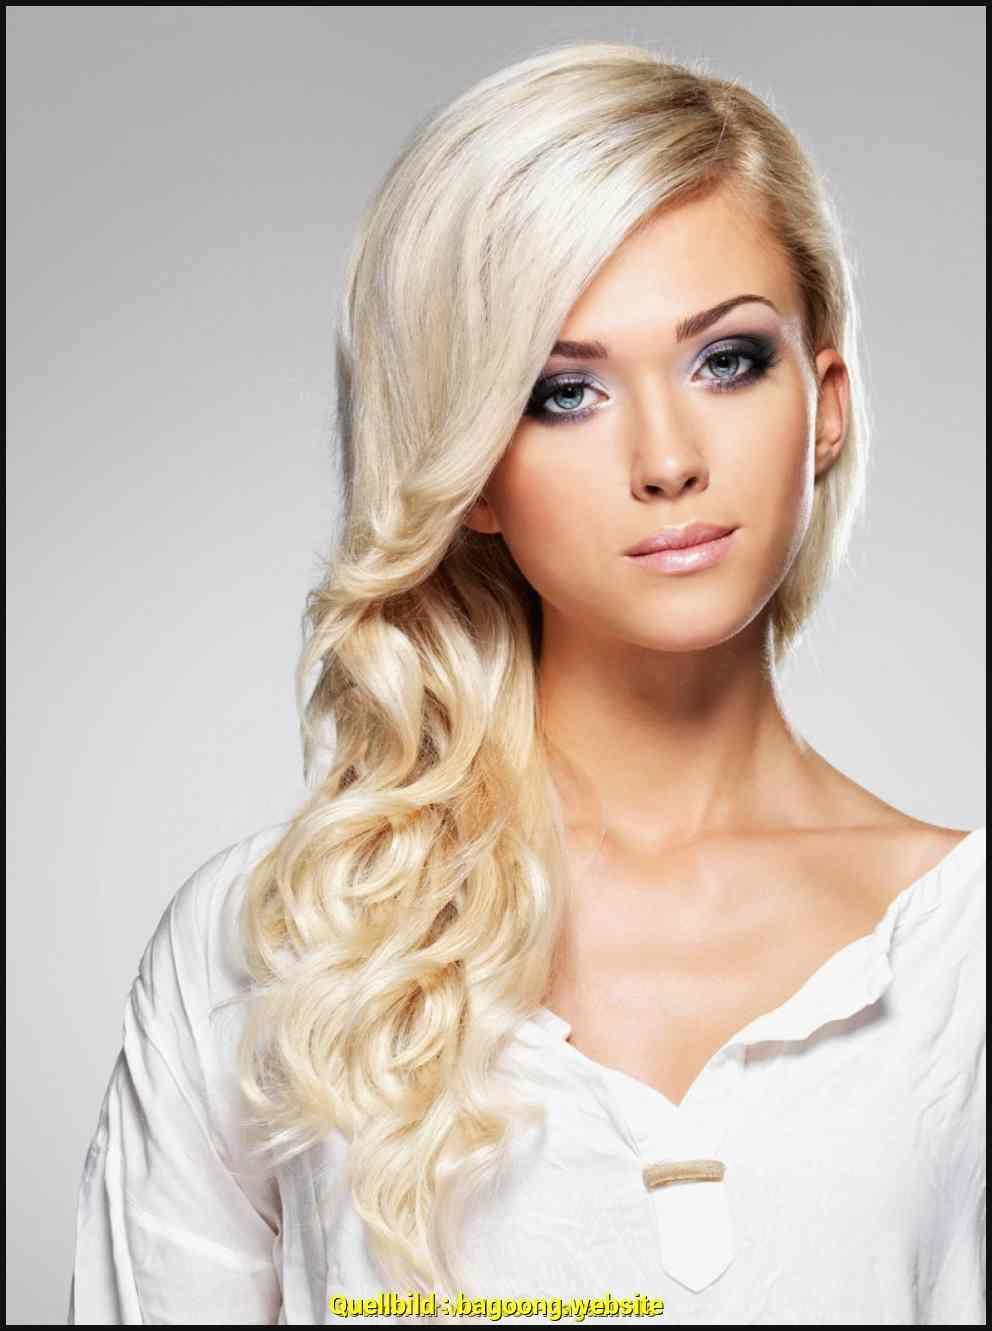 Nobel Frisuren Für Lange Blonde Haare Frisuren Lange Haare Toupieren